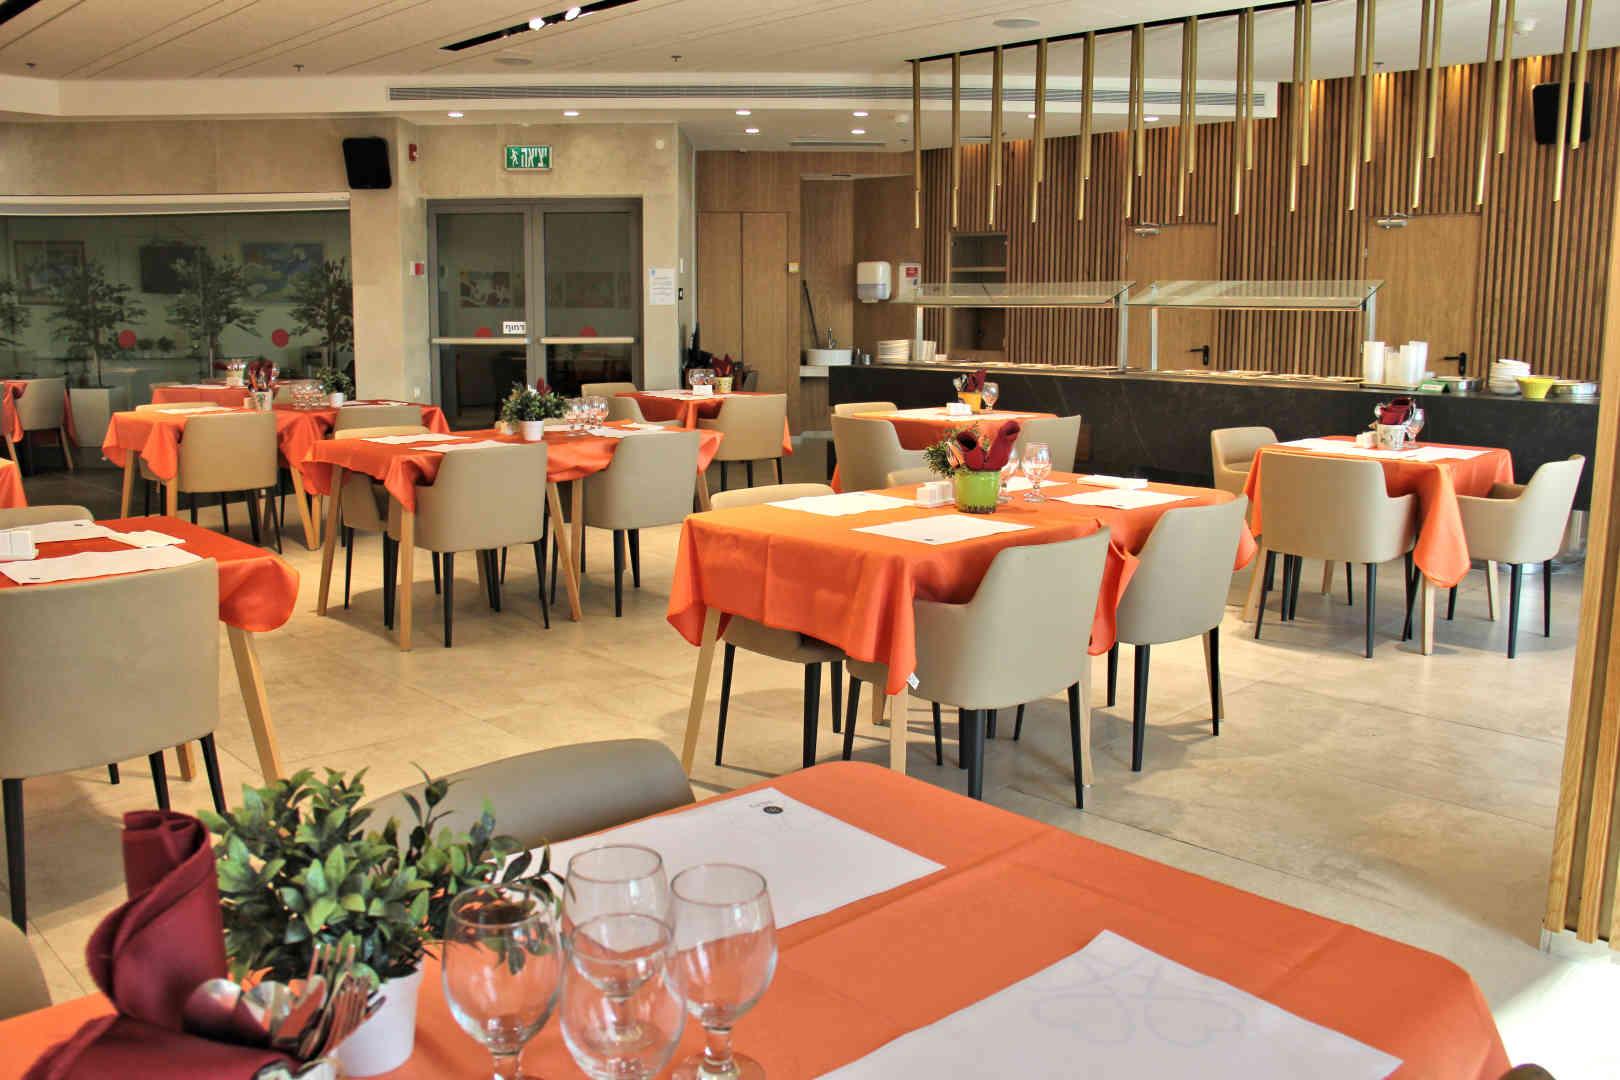 בית בלב קריית מוצקין – בית אילדן חדר אוכל